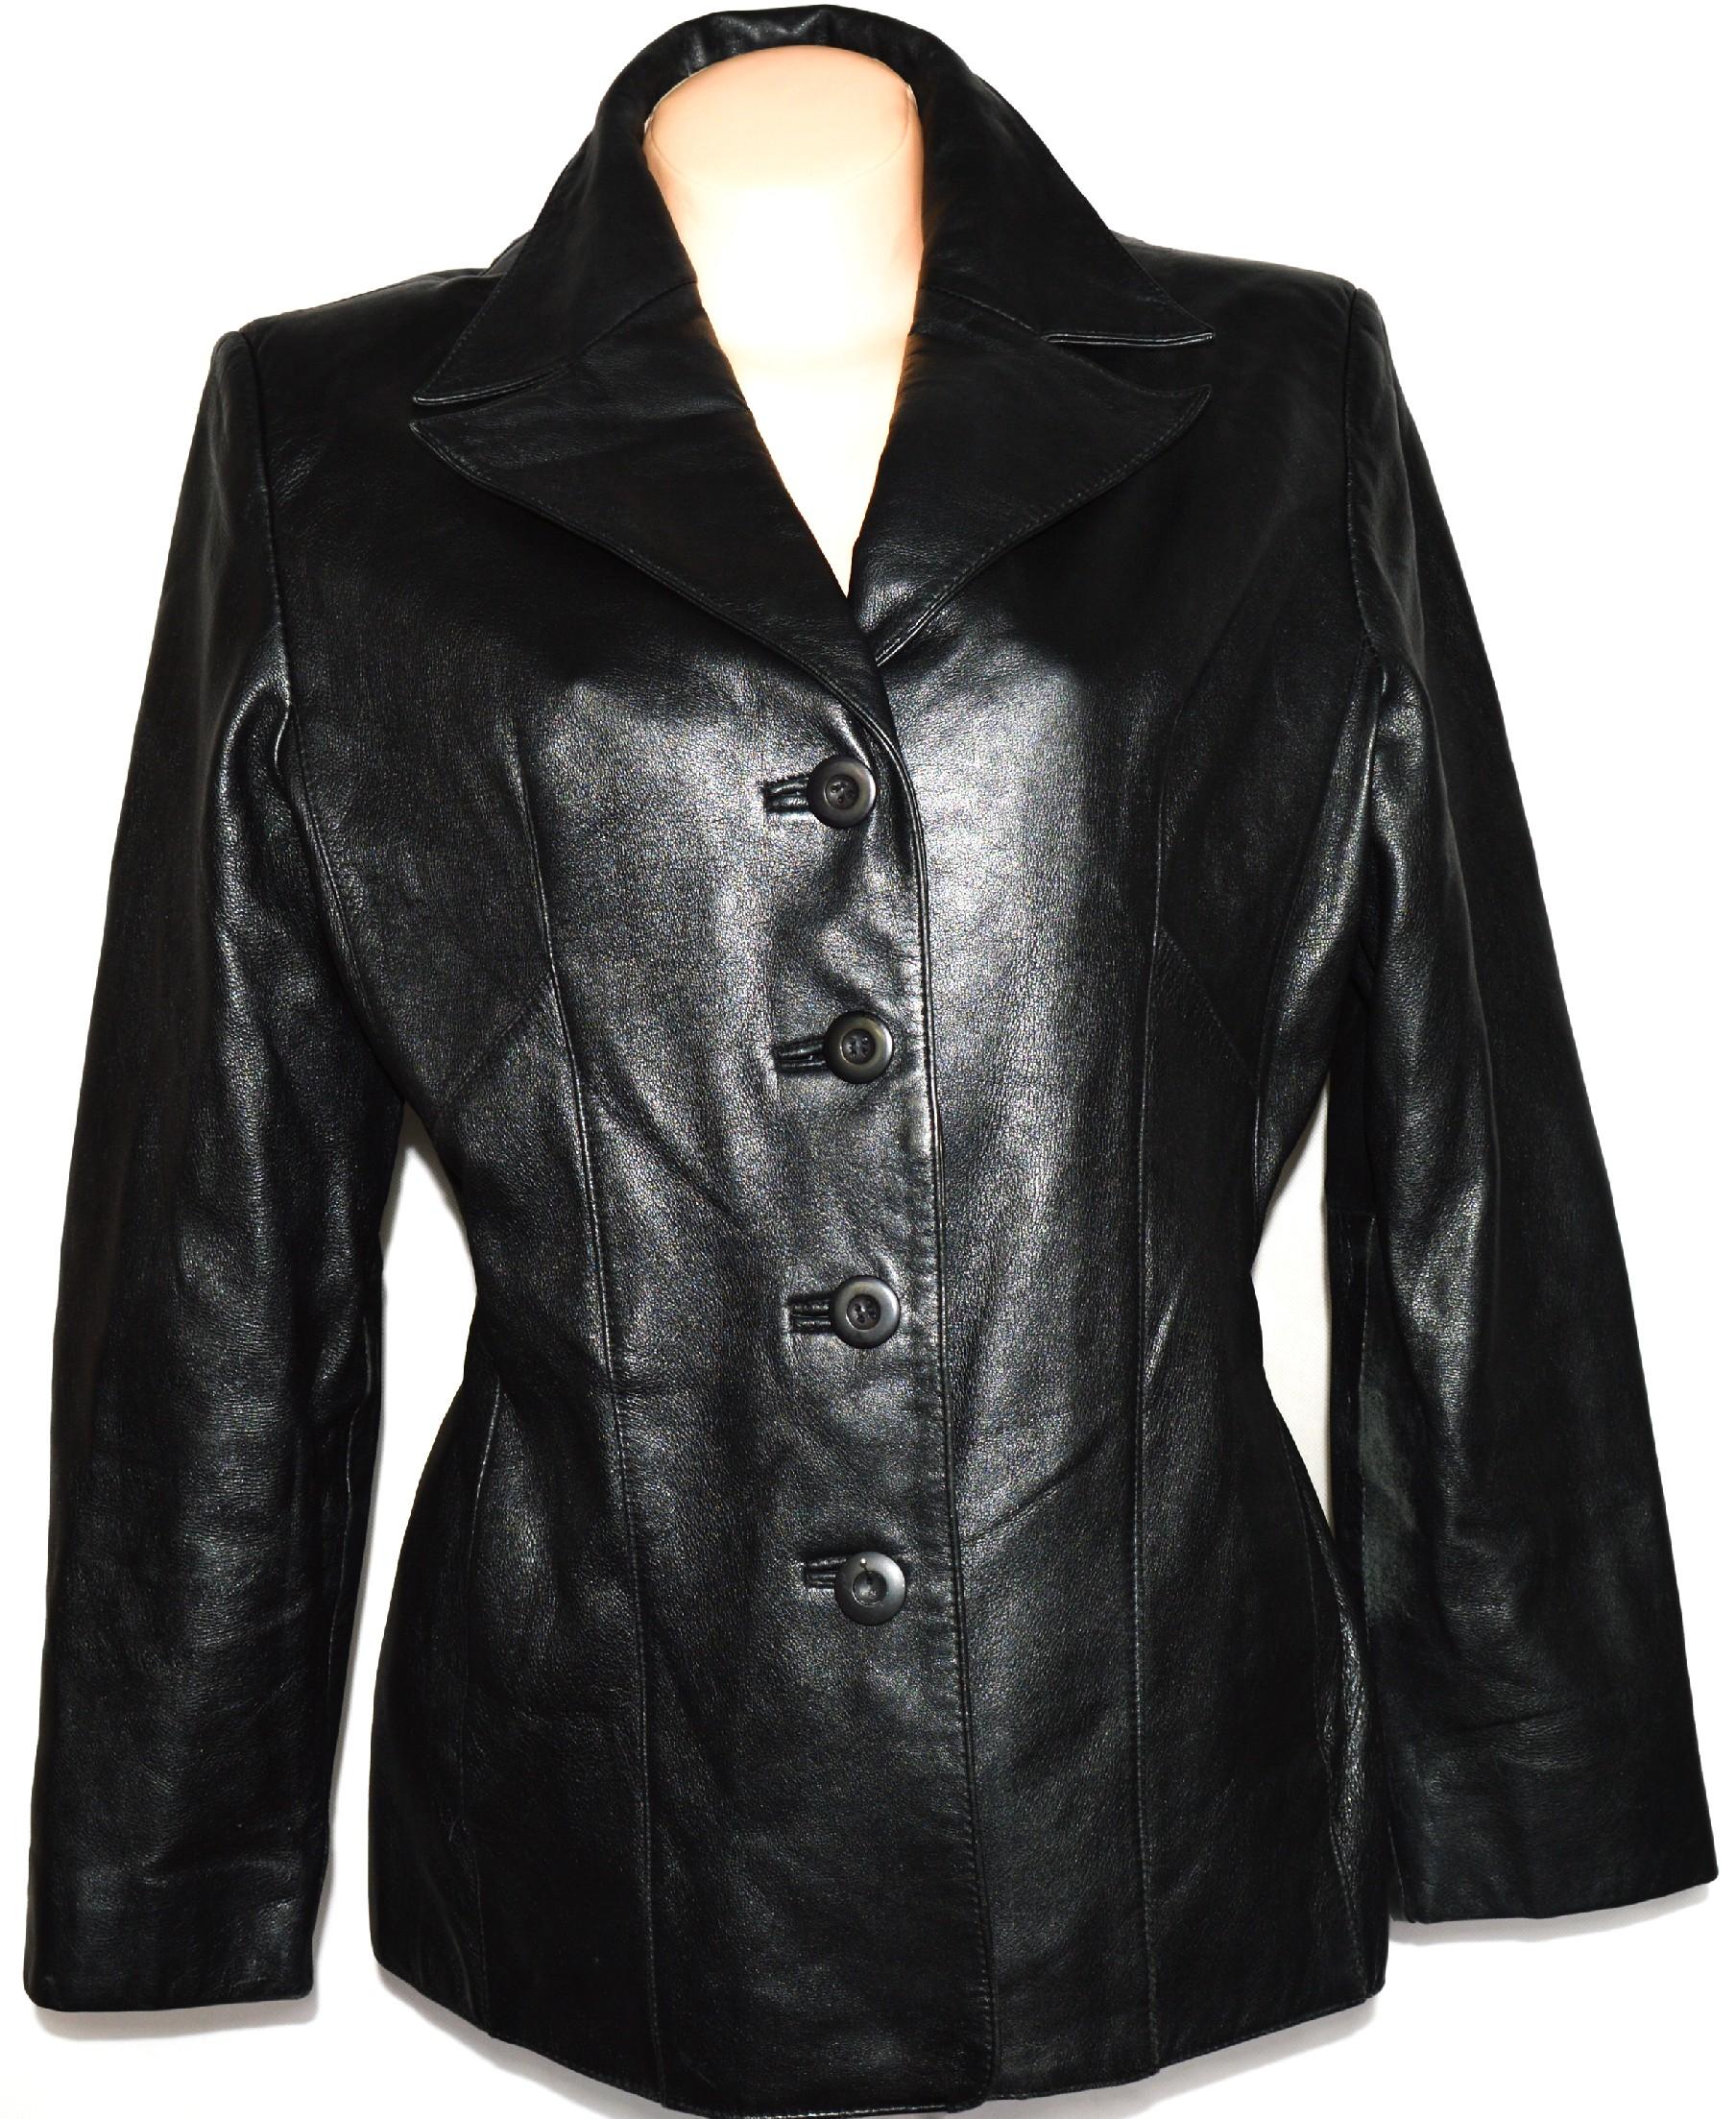 KOŽENÝ dámský měkký černý kabátek WILSONS LEATHER L